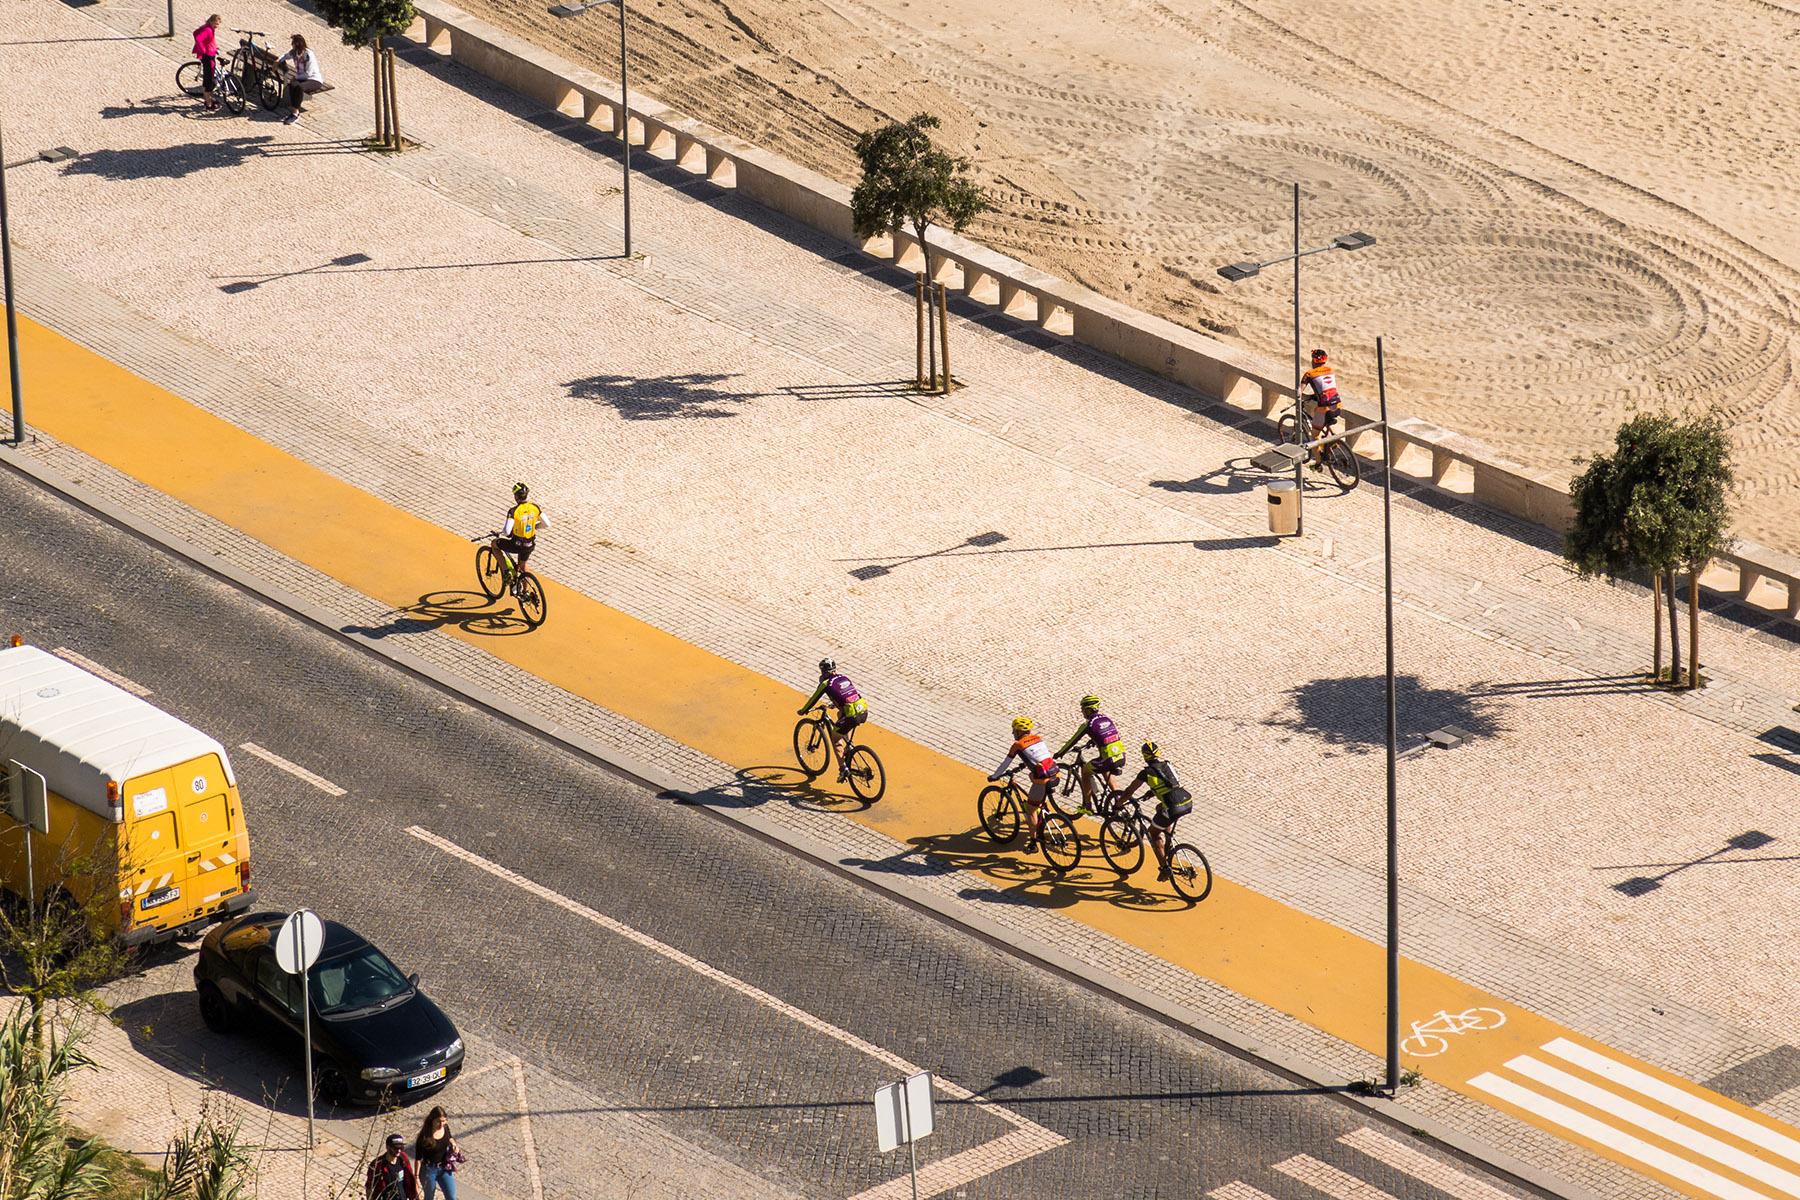 Bike lane in Sines